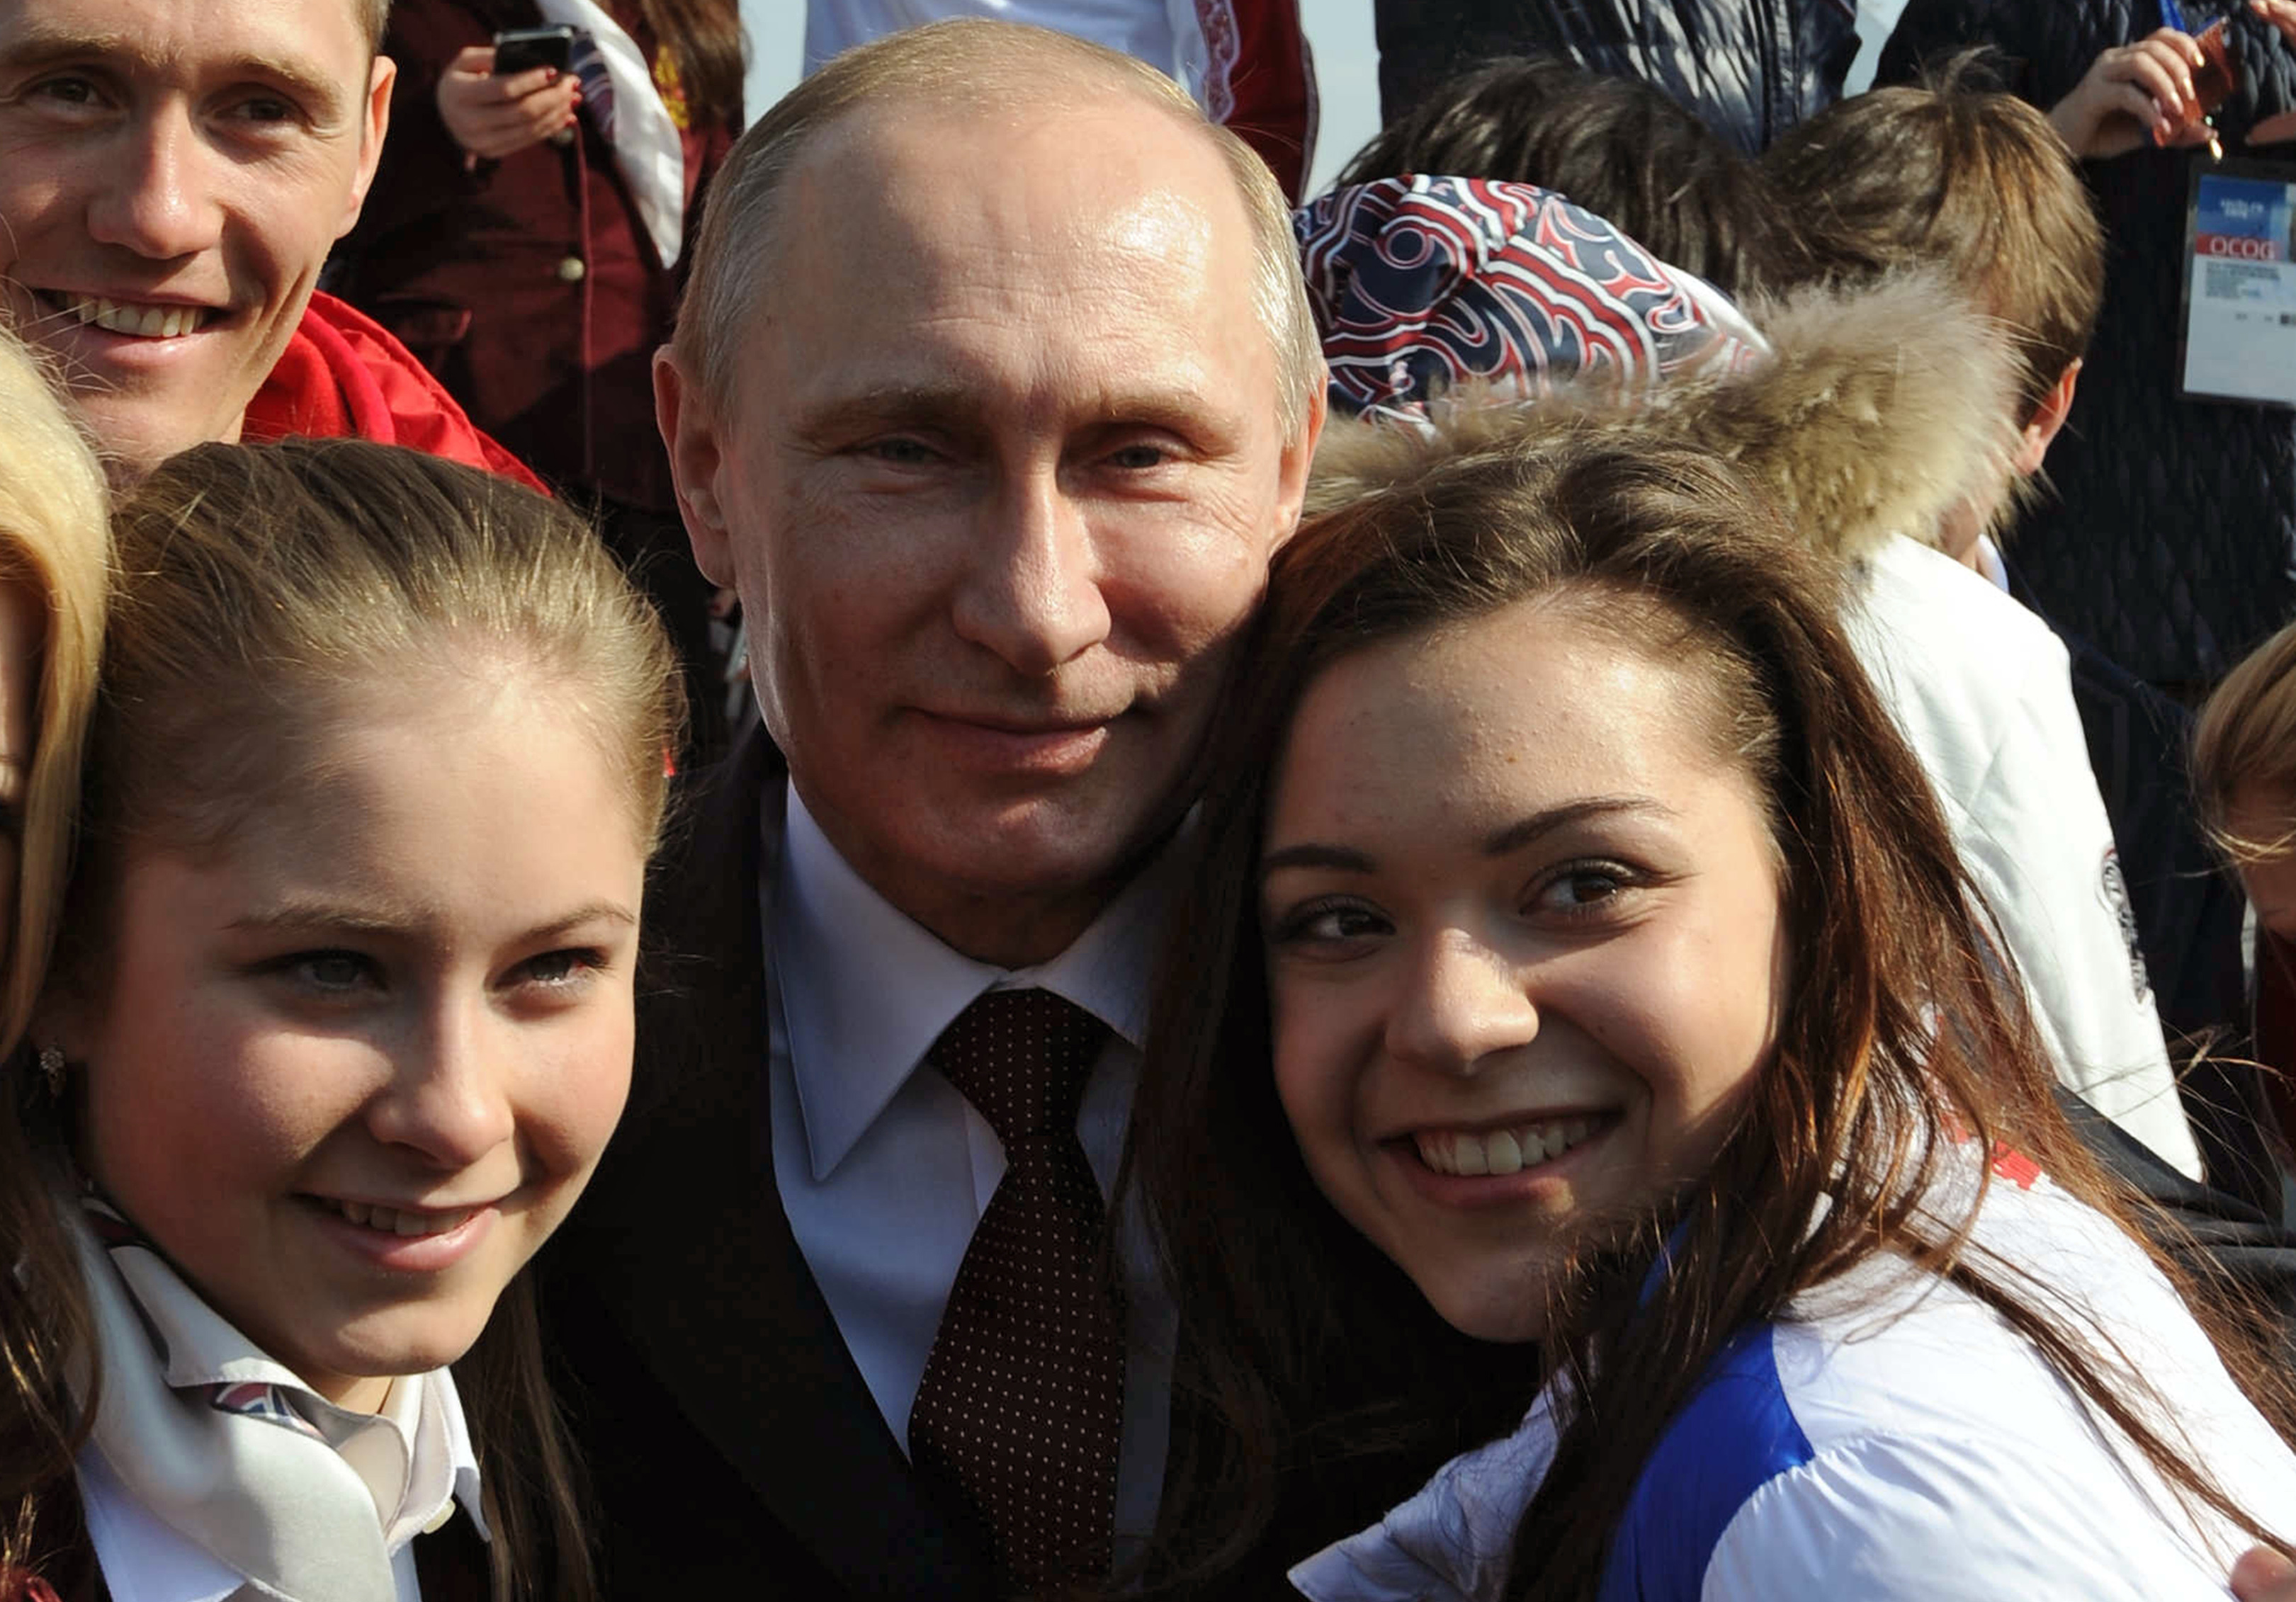 2014年2月プーチン大統領がロシアのフィギュアスケーター、アデリナ・ソトニコワとユリヤ・リプニツカヤに、ソチ五輪での優勝を祝福。